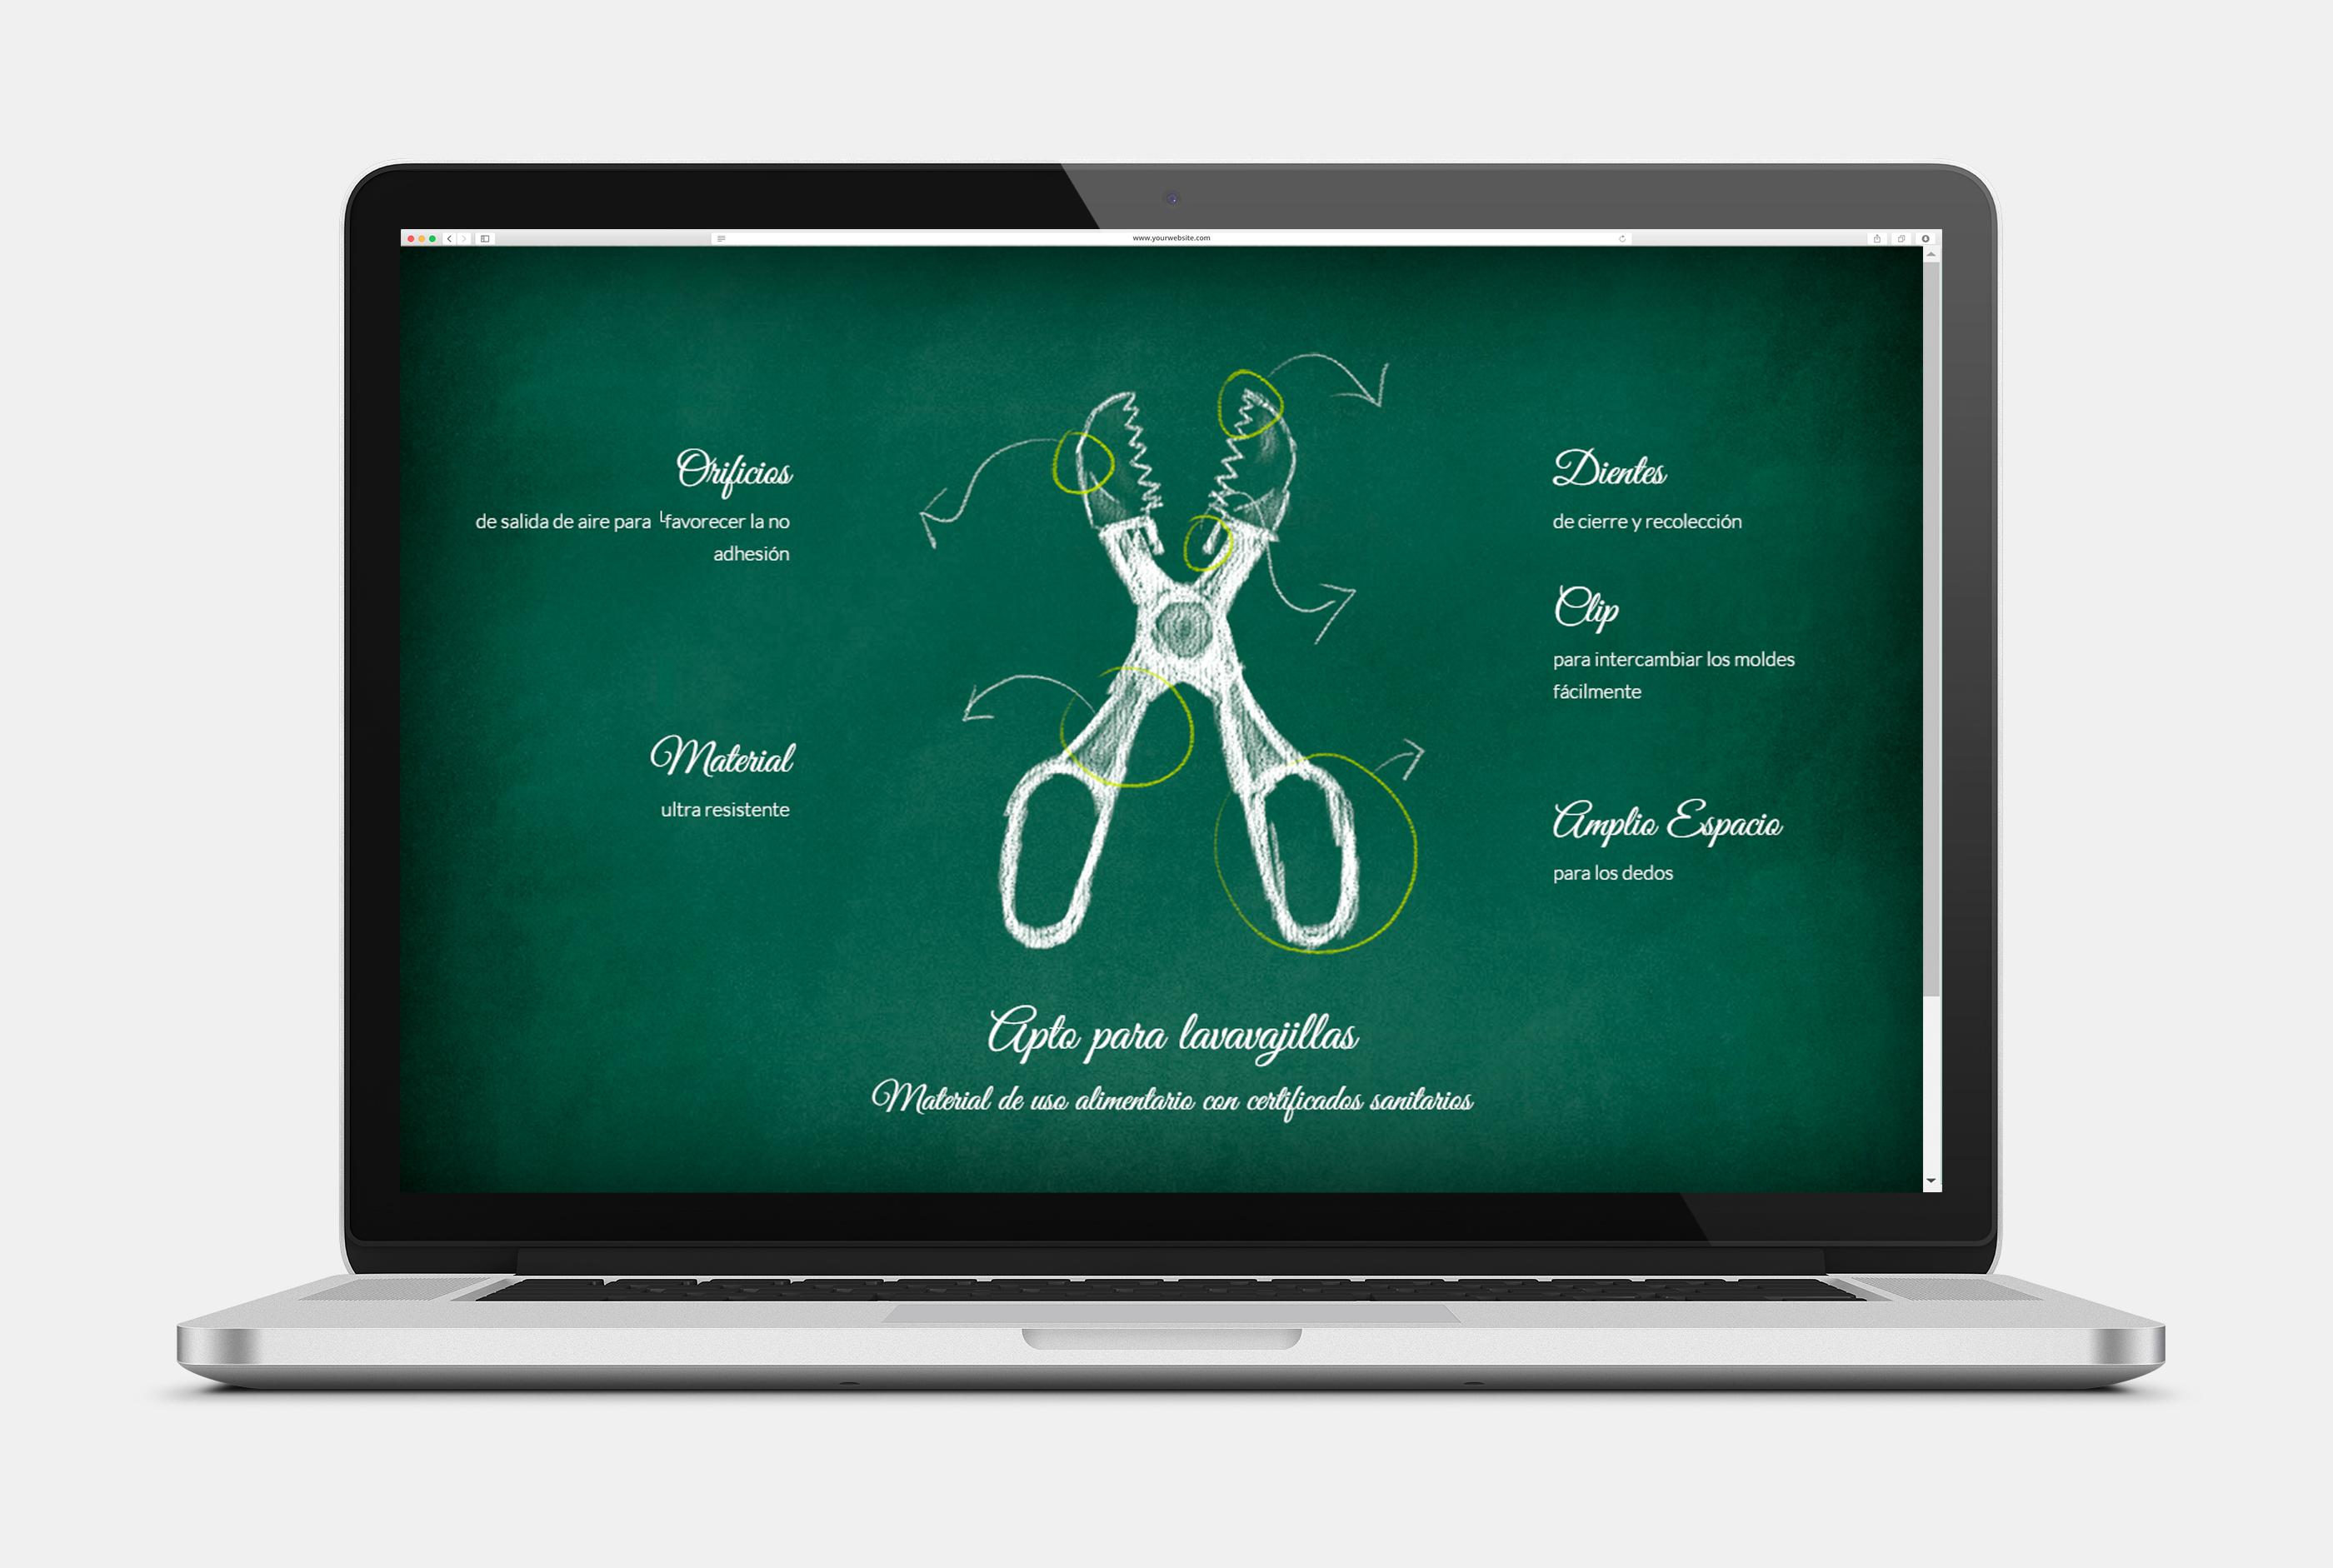 Sitio web para La Croquetera - Web